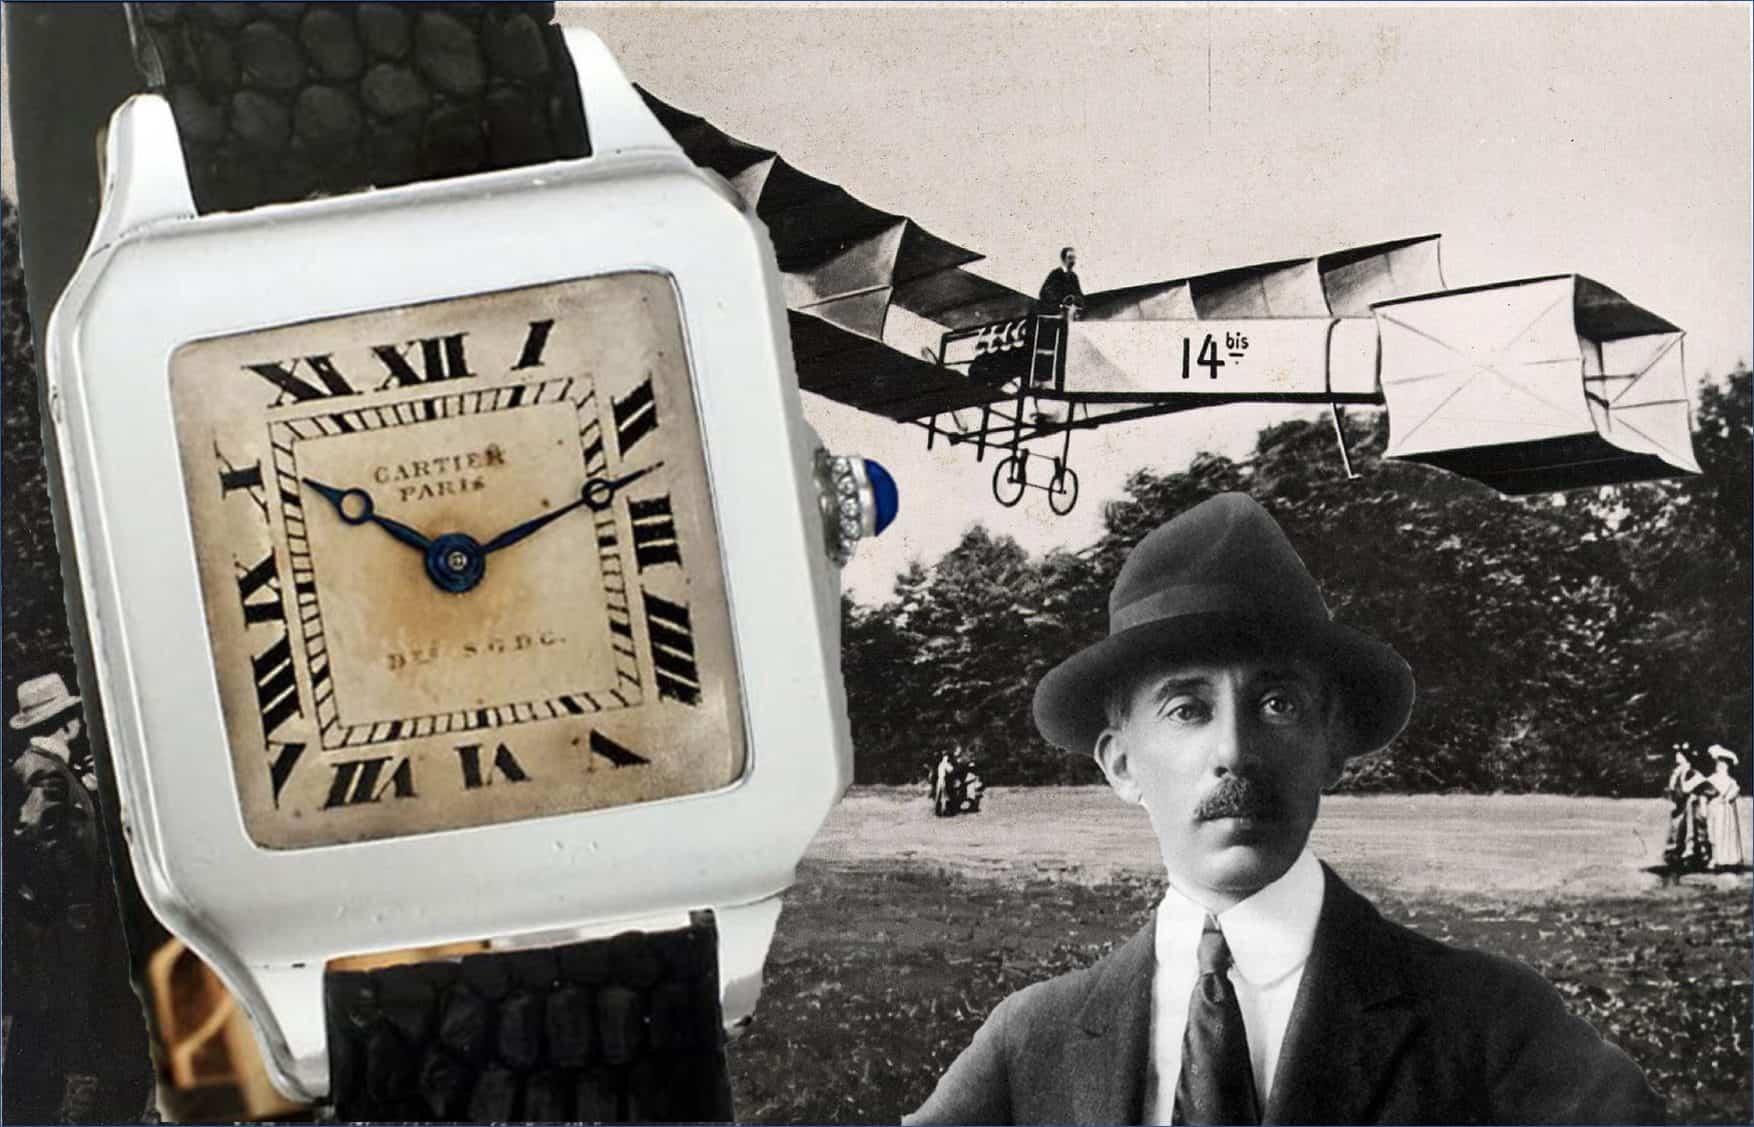 Geschichte der Cartier SantosCartier Santos: Eine Uhr für einen echten Flugpionier